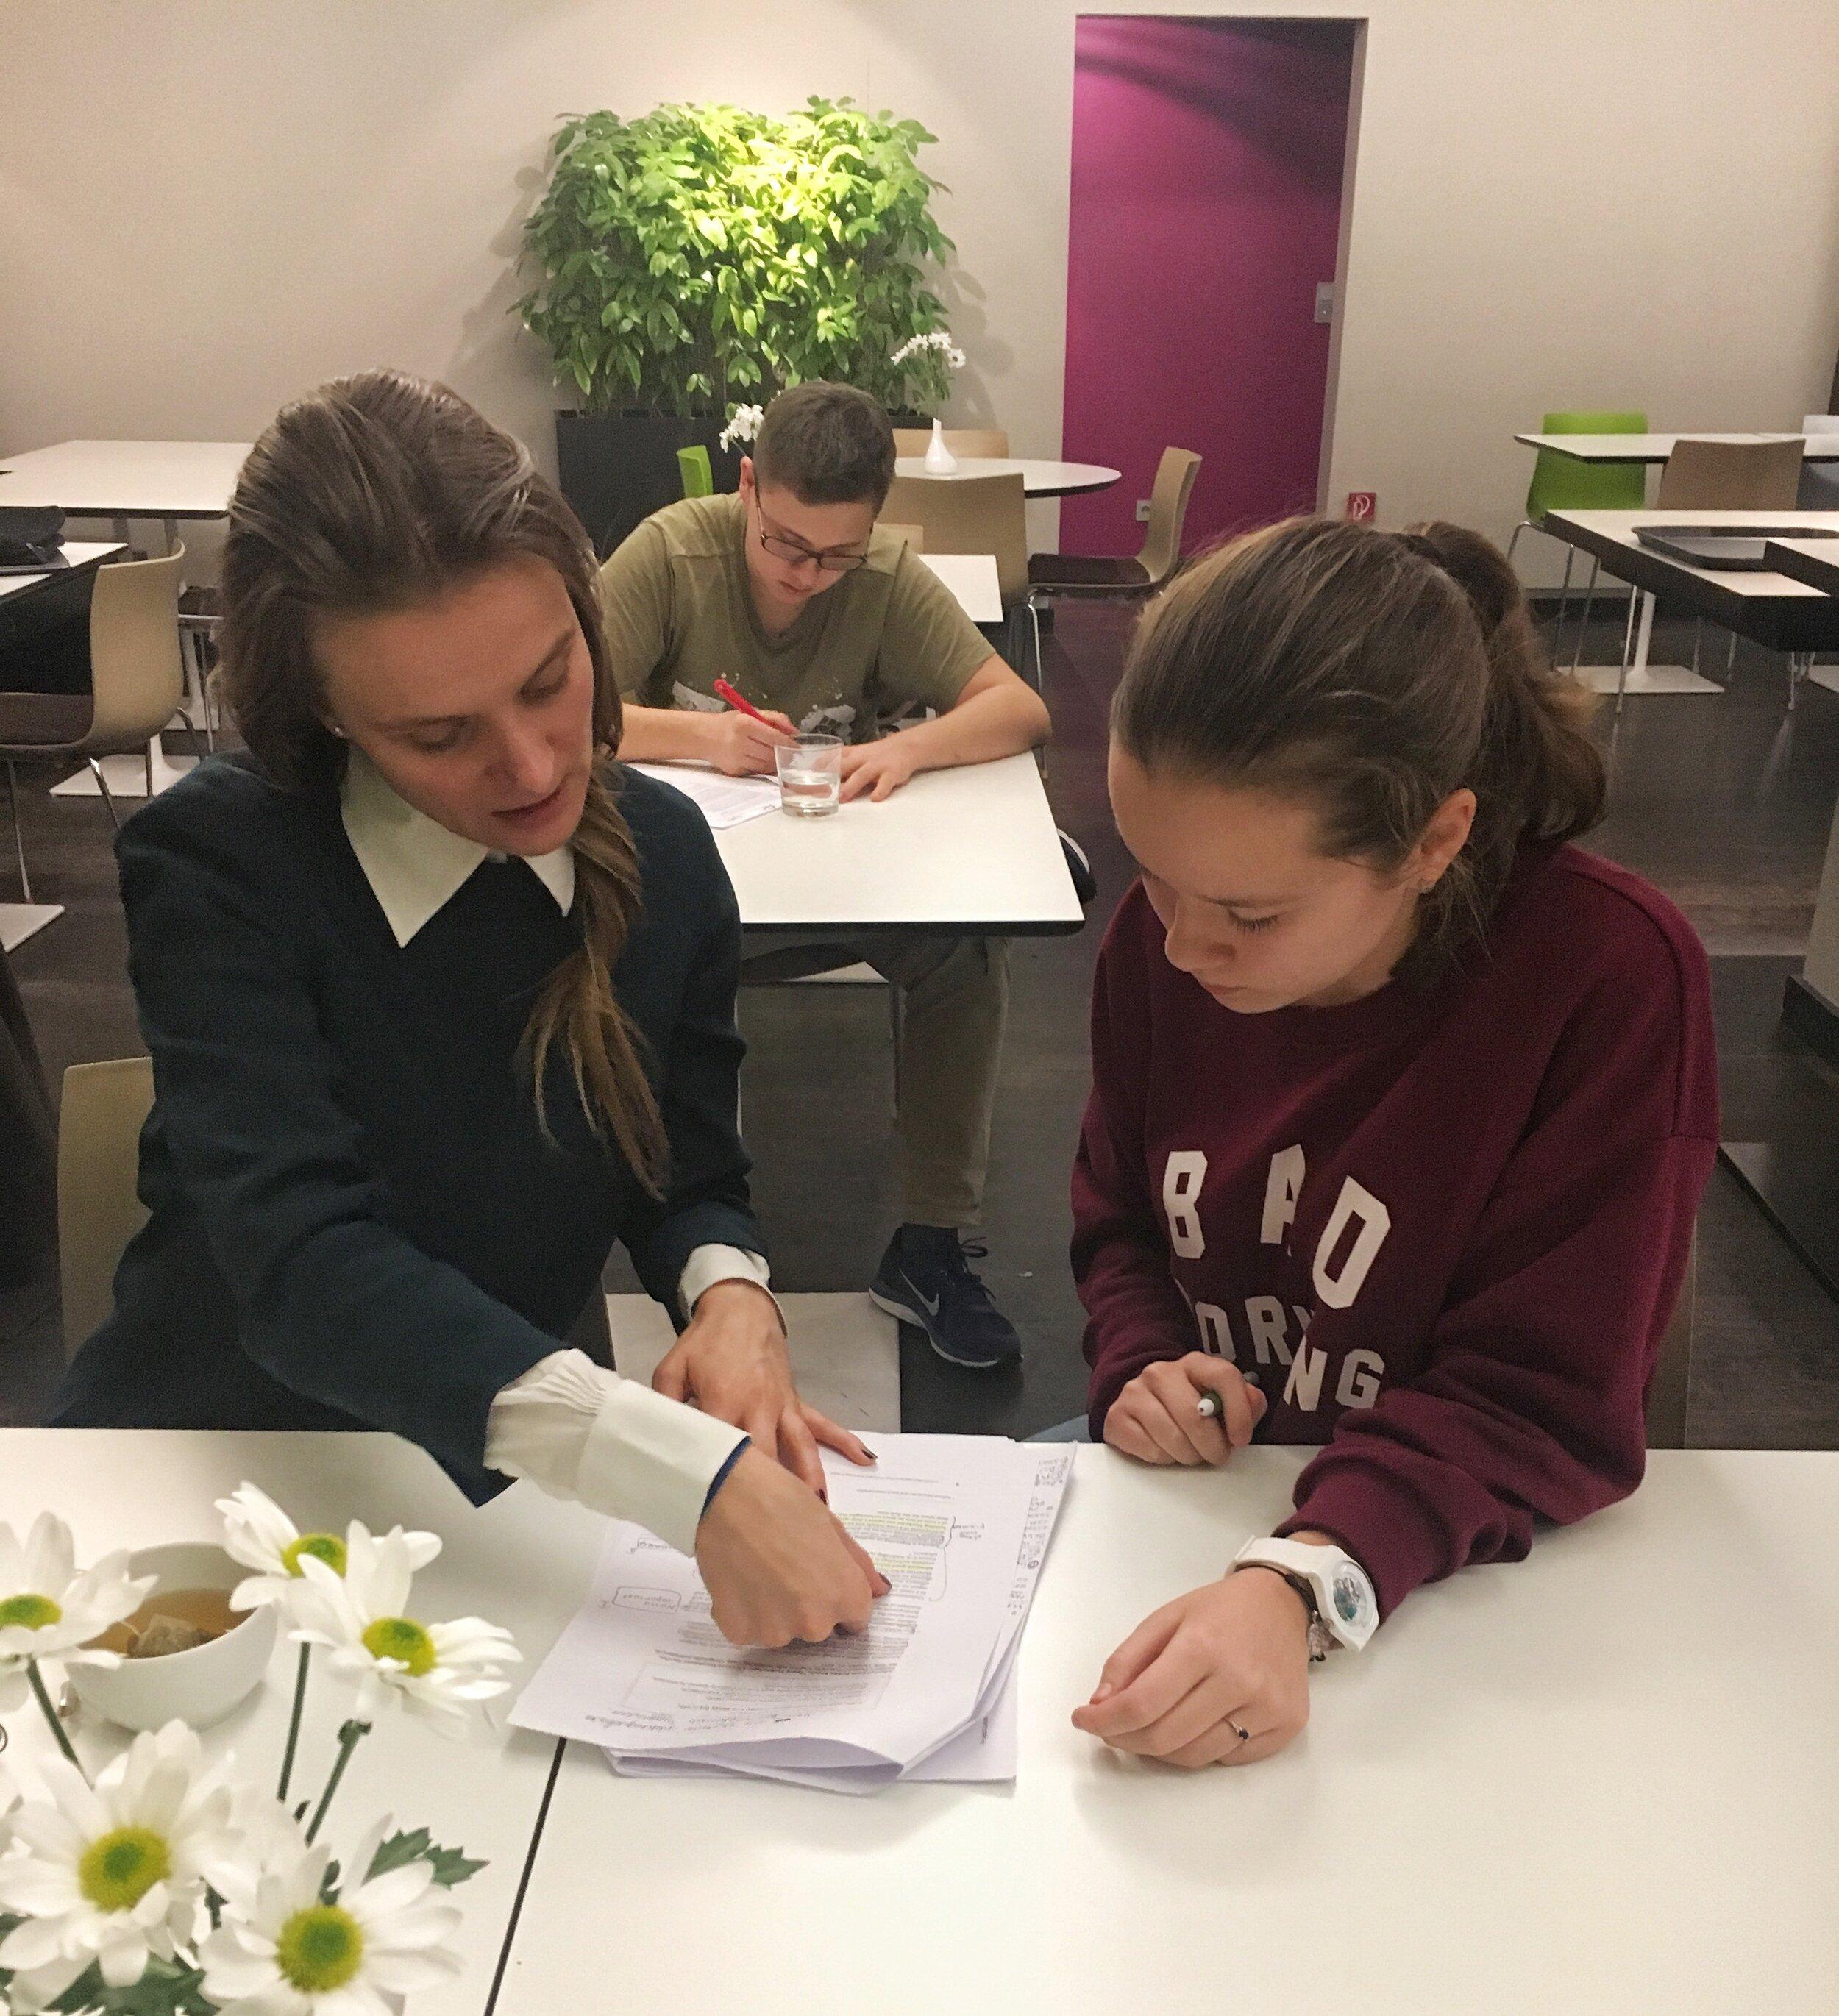 Светлана работает с Аней, ученицей программы и студенткой Colorado State University, над определением научного проекта в Берлине в 2018г.